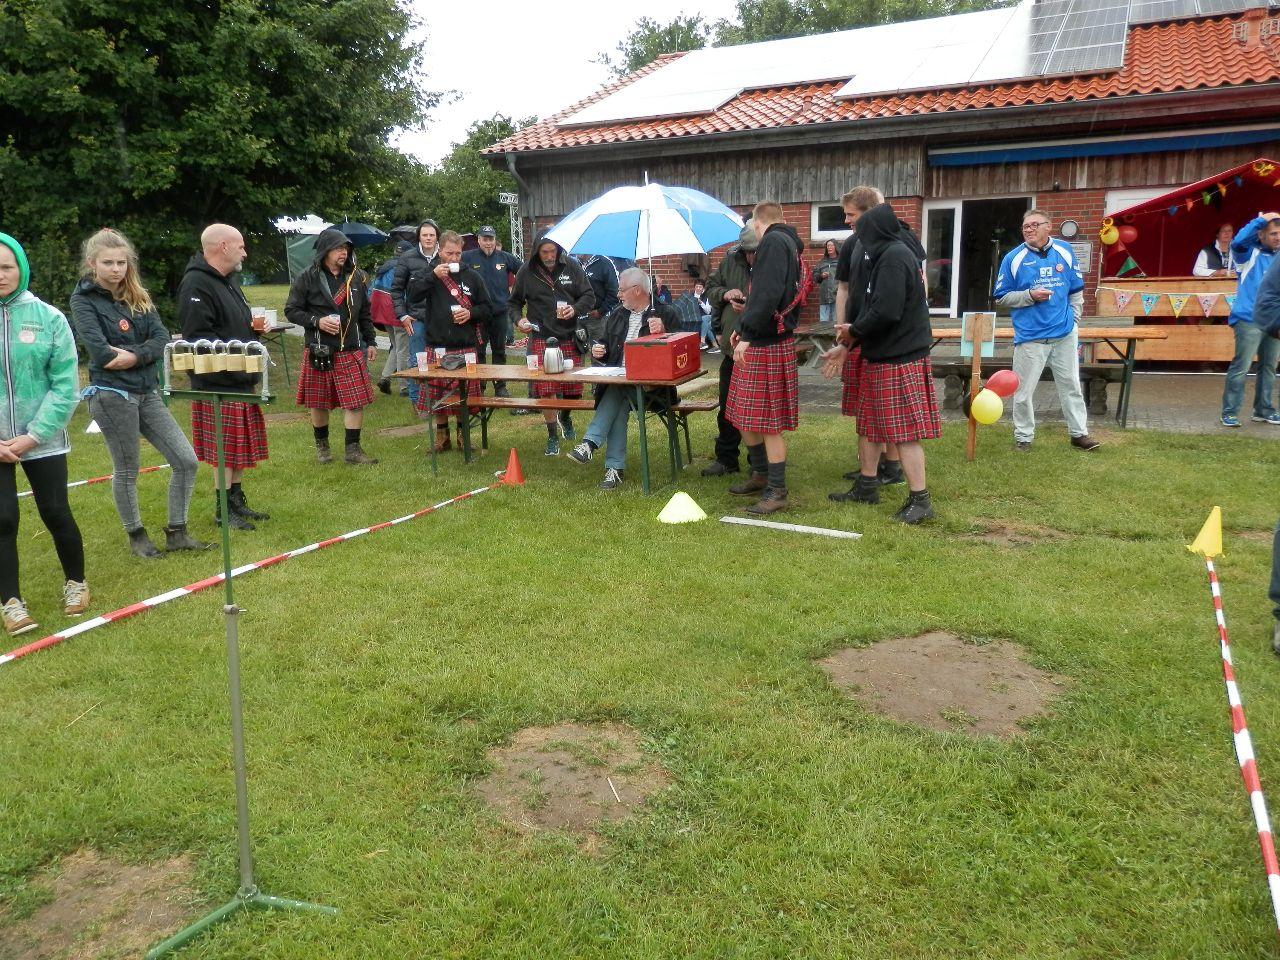 Die Highlander am Schließer-Stand